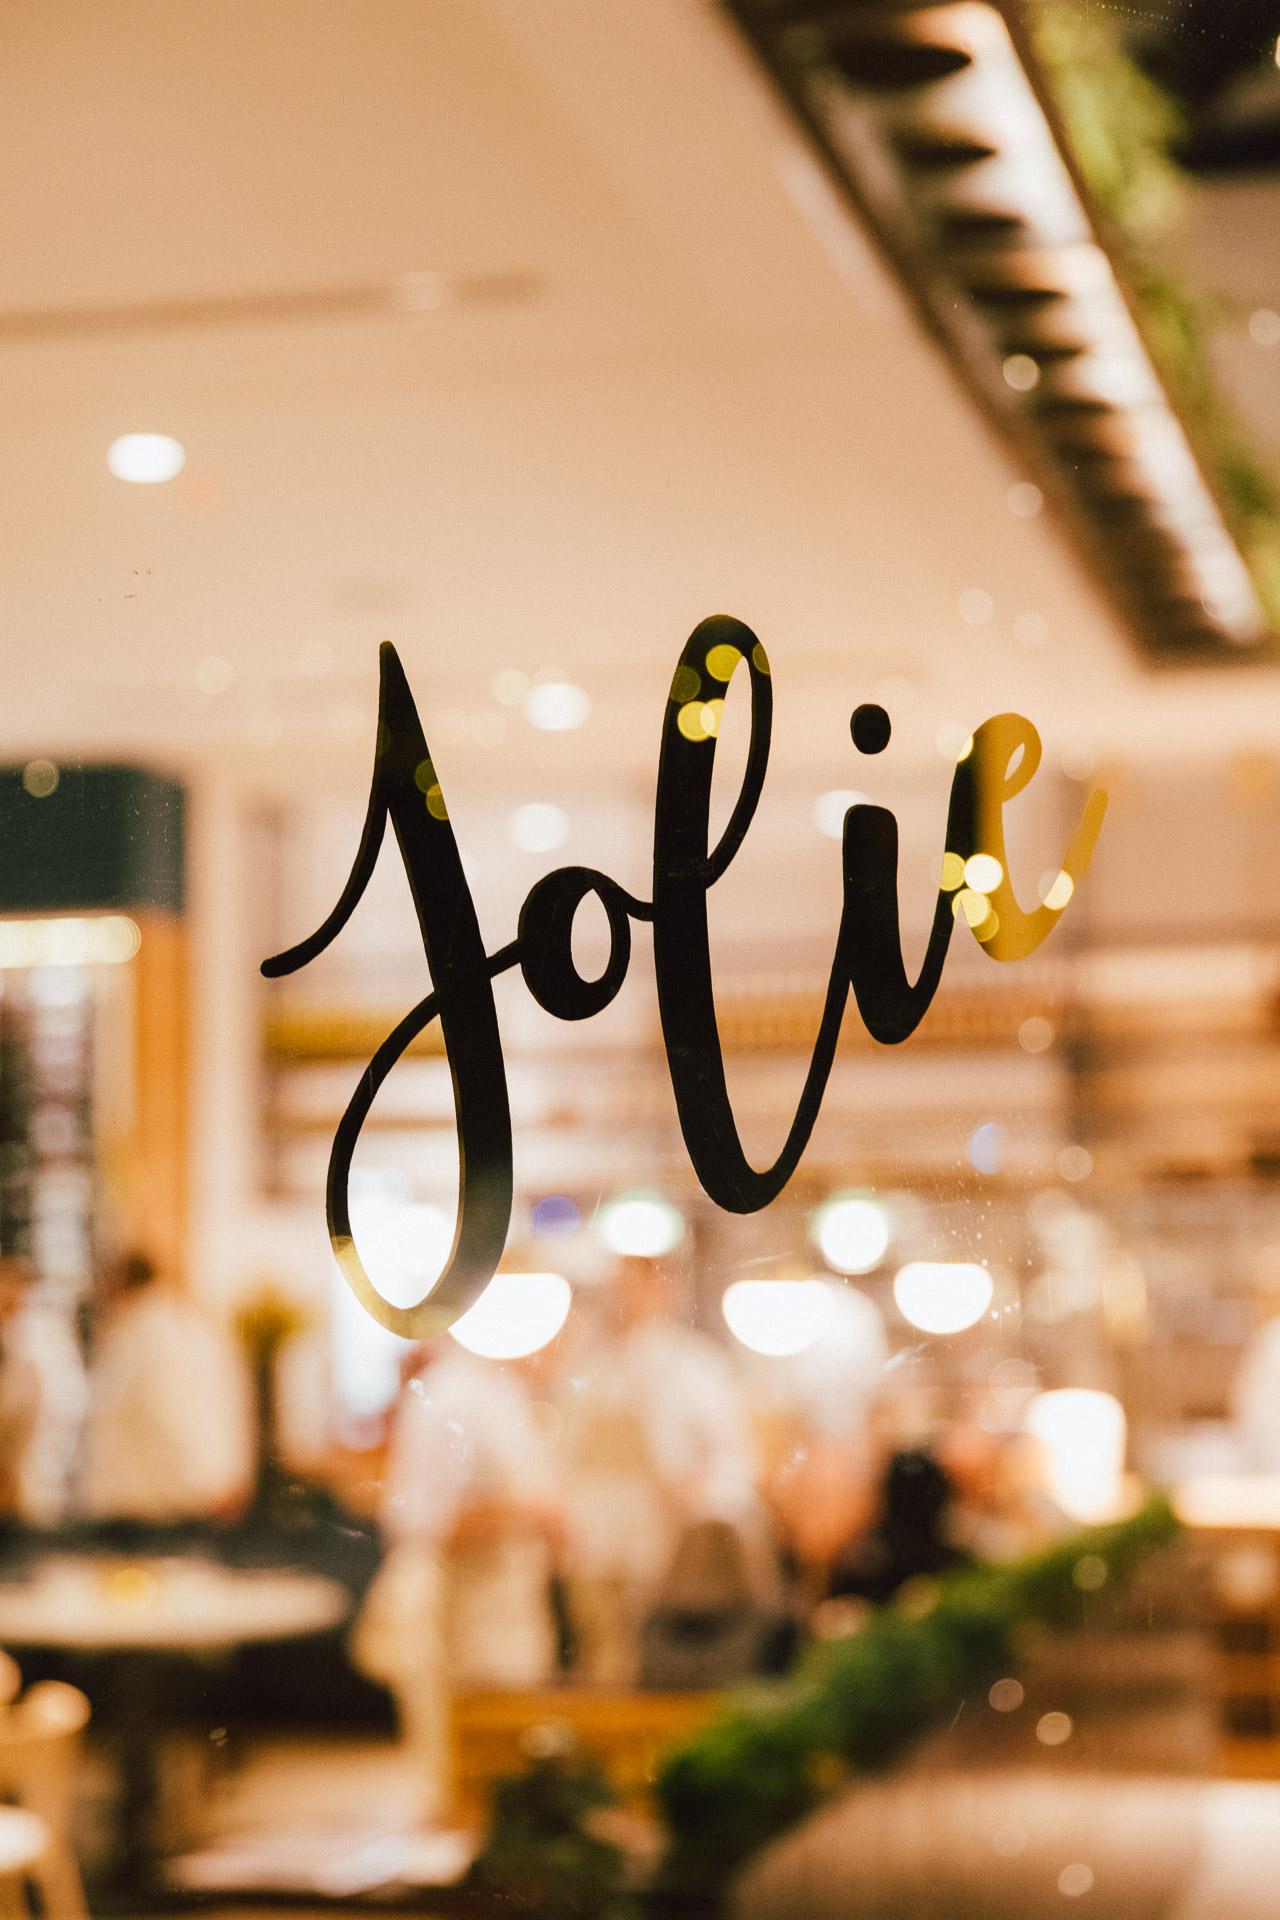 los-angeles-architectural-photographer-bistro-jolie-restaurant-2.jpg